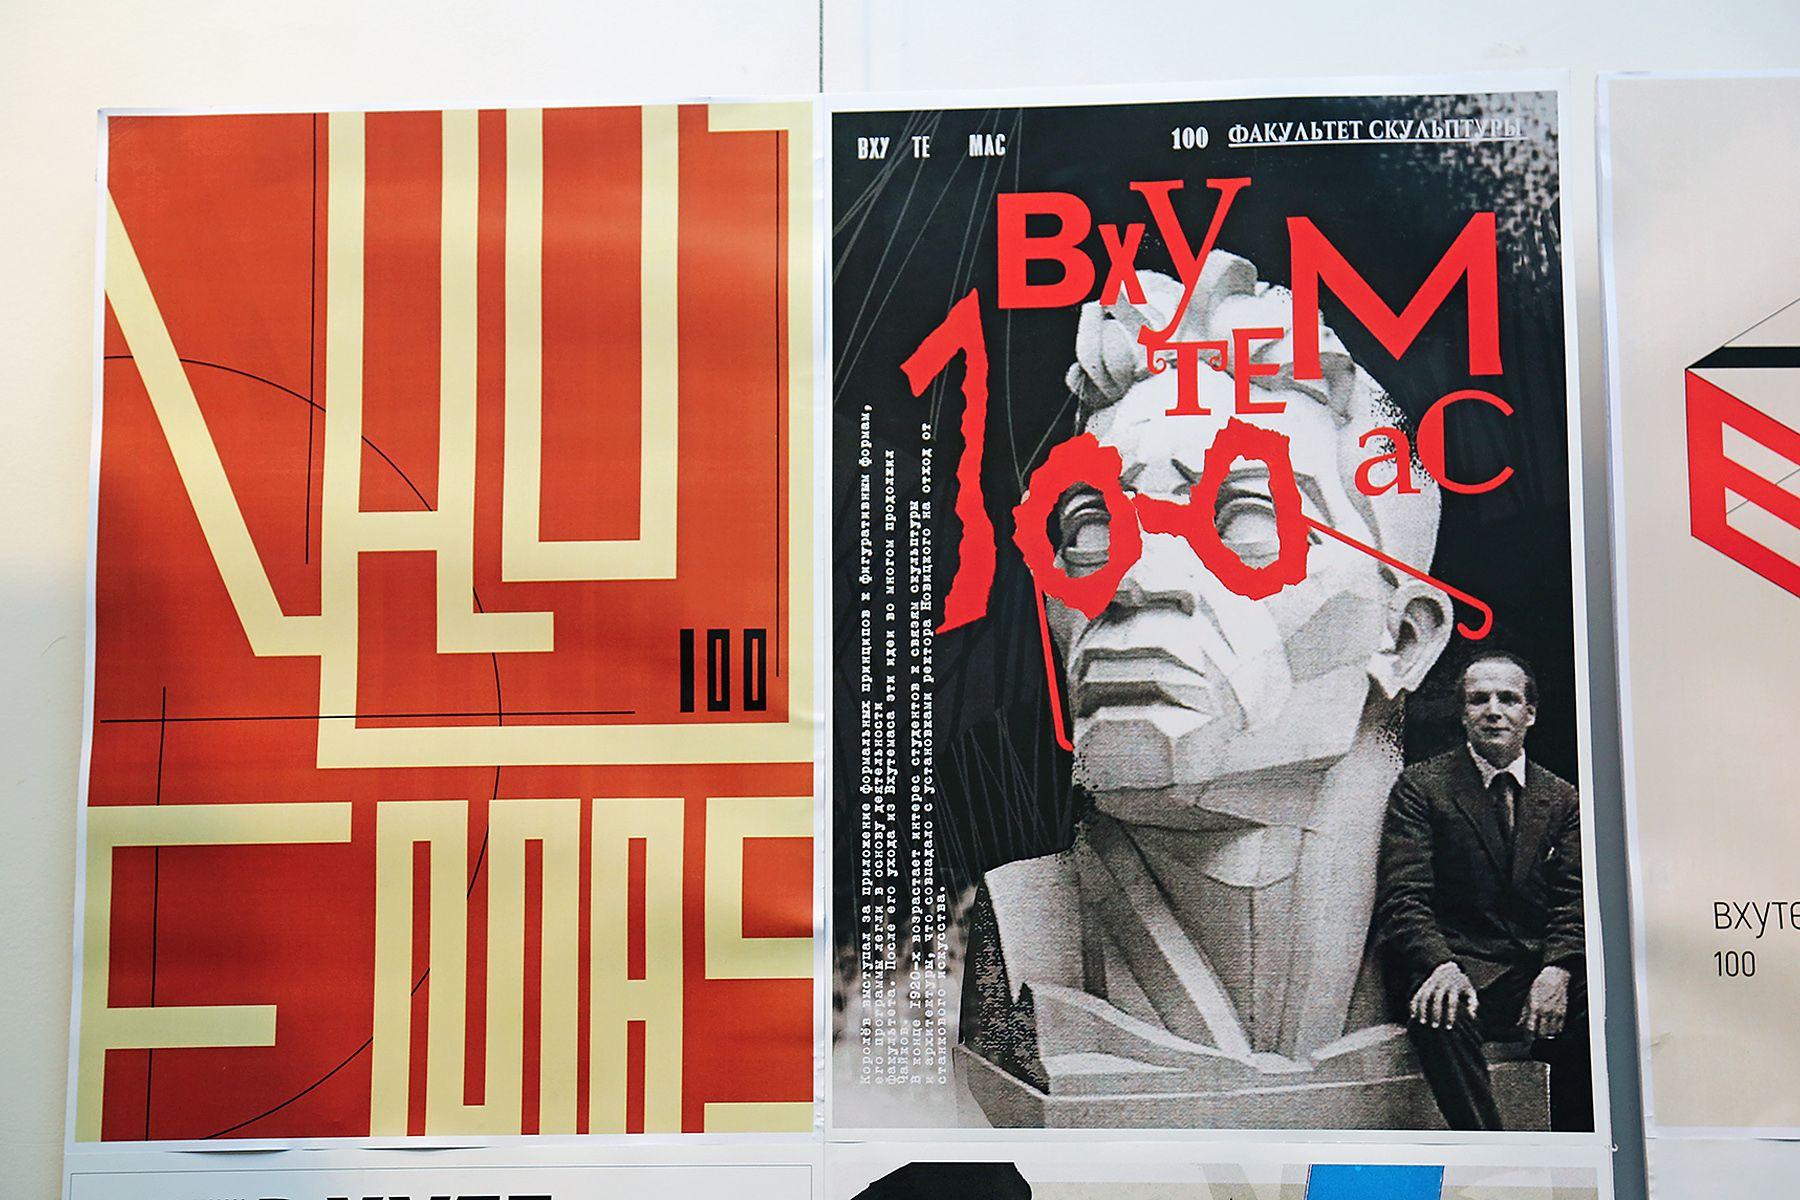 Визуально концентрированная мысль: в Музее ВГУЭС открылась выставка, посвященная 100-летию ВХУТЕМАСа